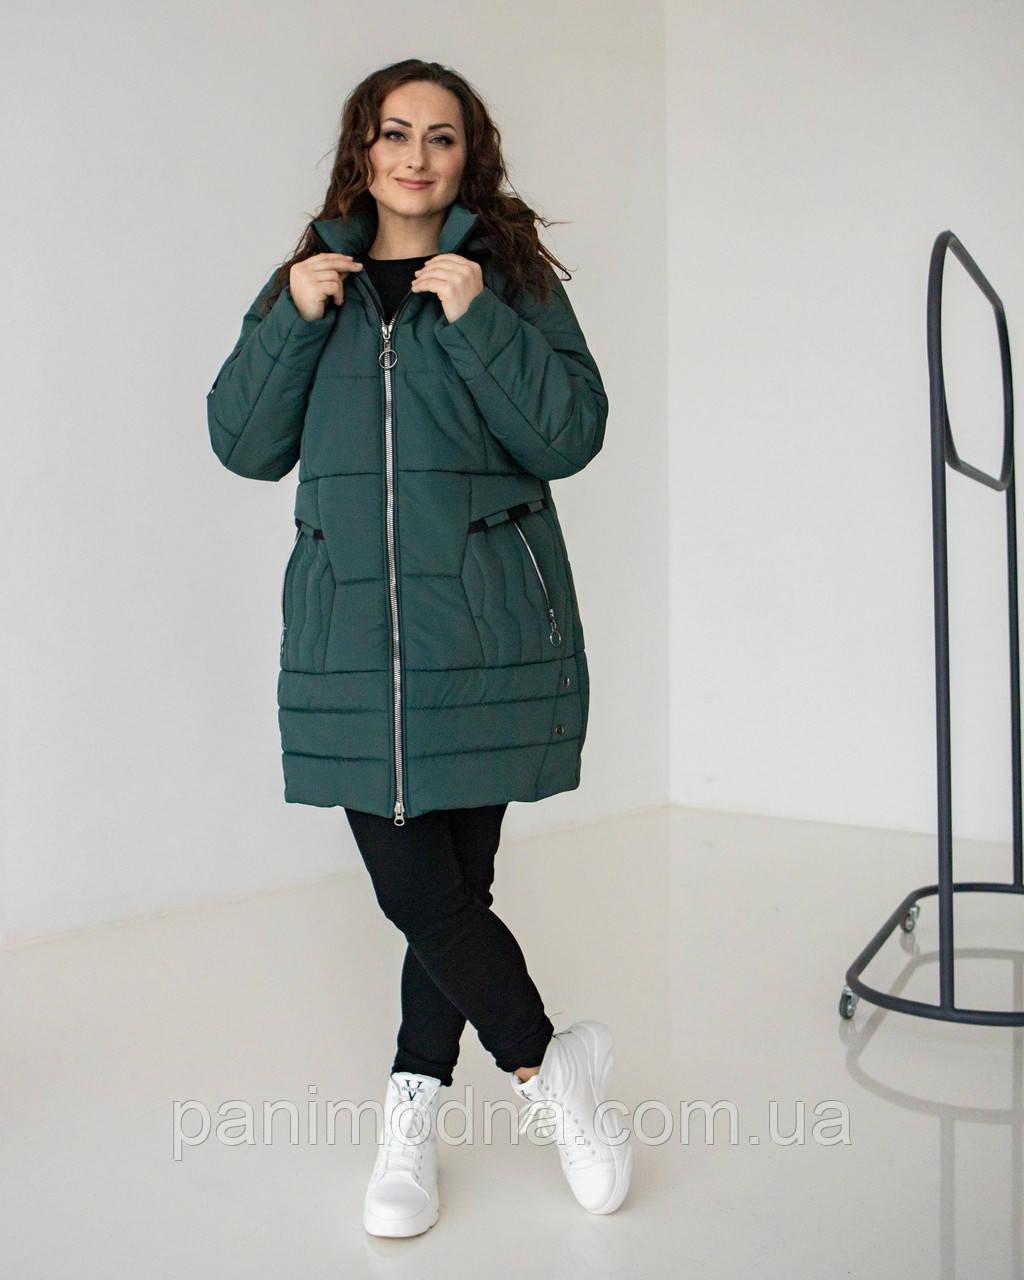 Жіноча куртка  «Лайма» великі розміри